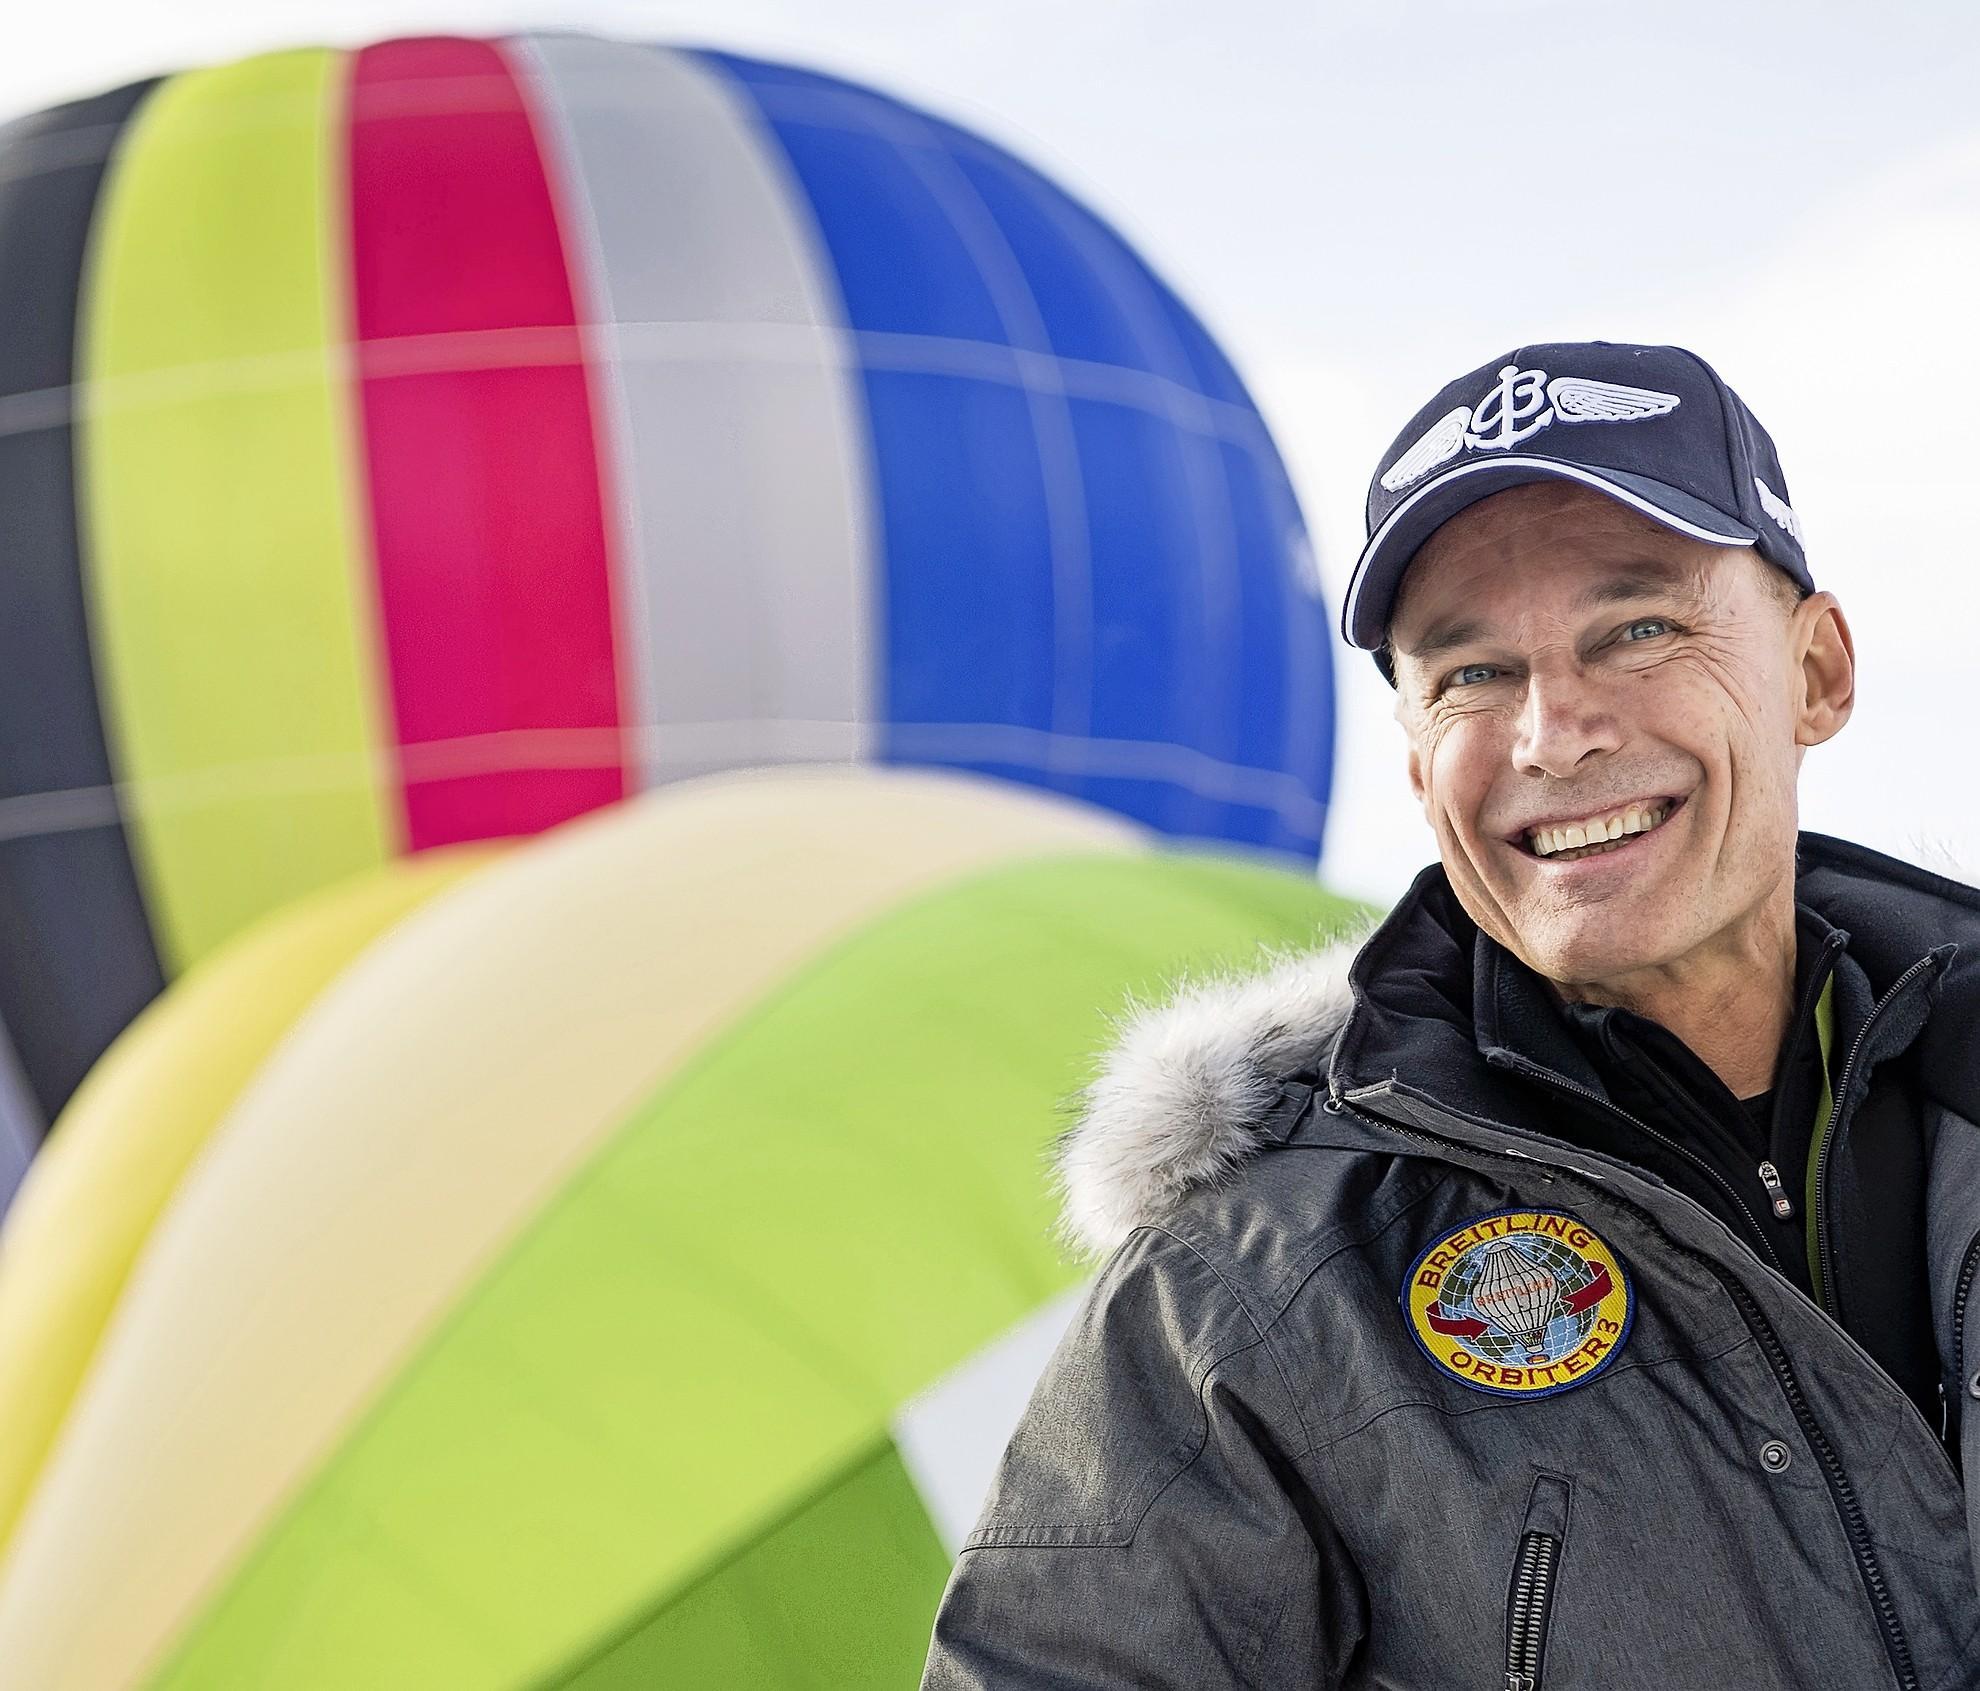 Eerst vloog Bertrand Piccard in een ballon de wereld over, nu wil hij duurzaamheid mainstream maken